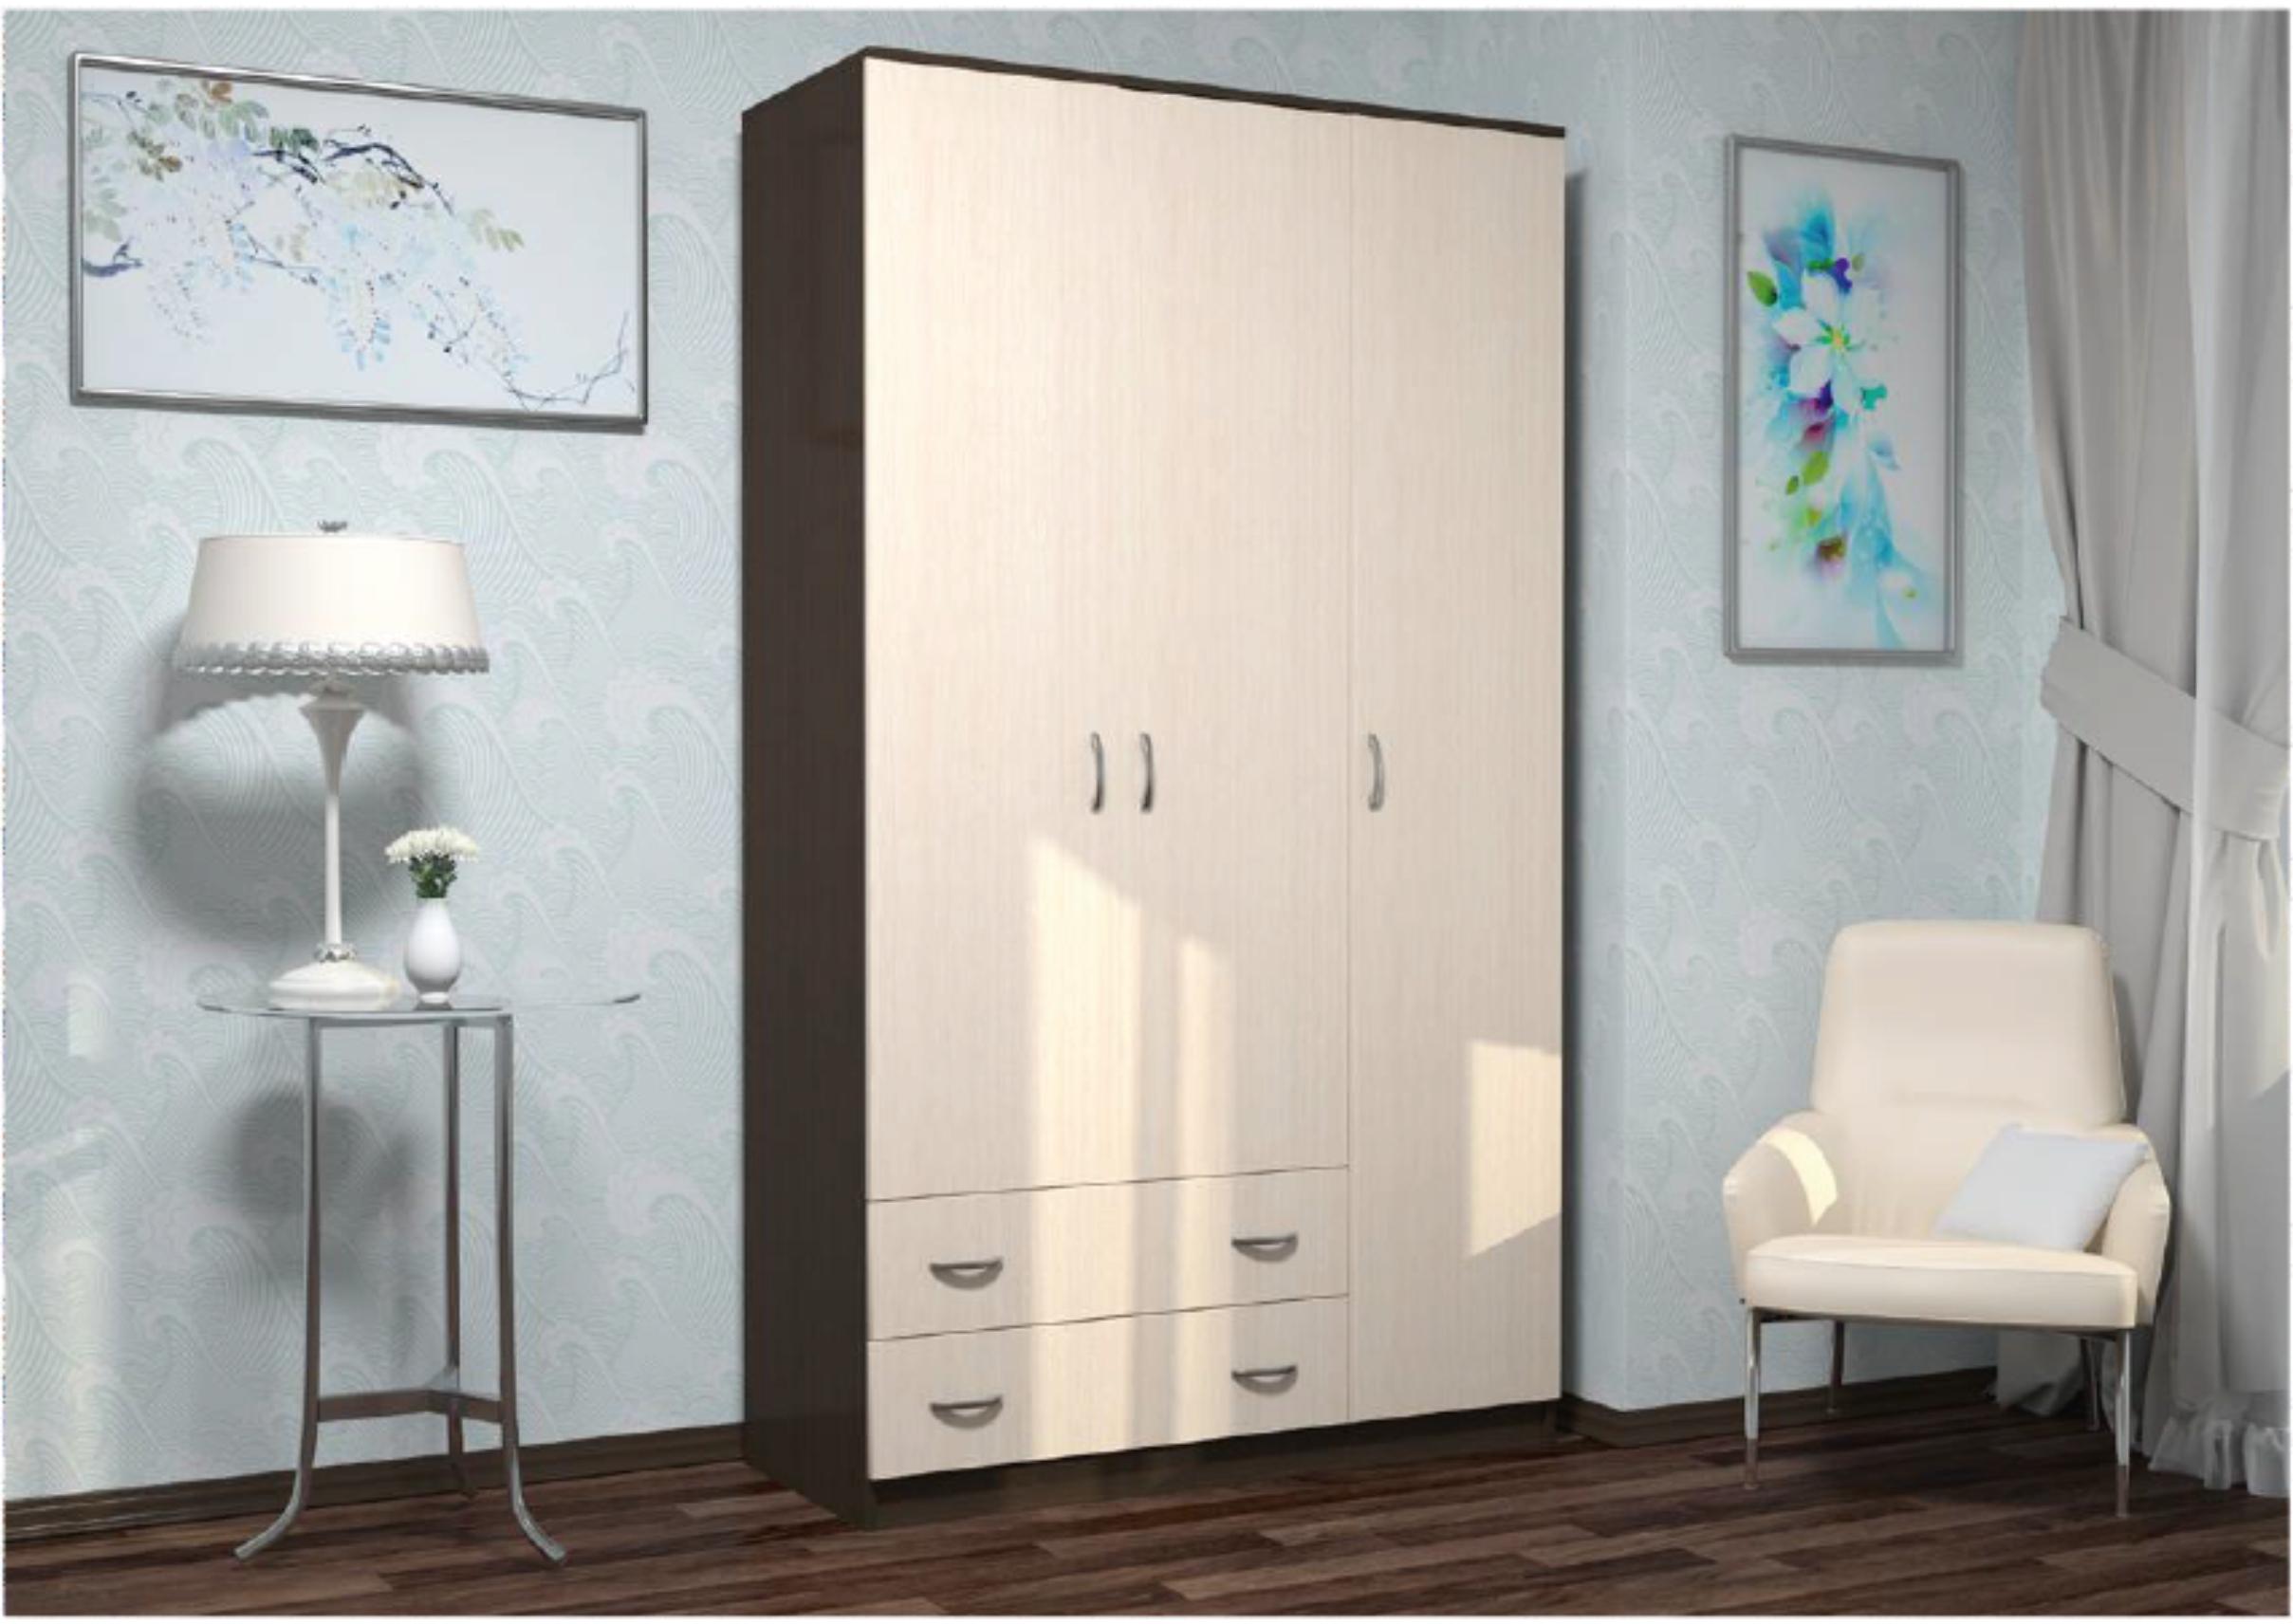 Шкаф Комфорт 10 ЛДСП (венге/дуб молочный) АД-47 дешево в Новосибирске — интернет-магазин мебели